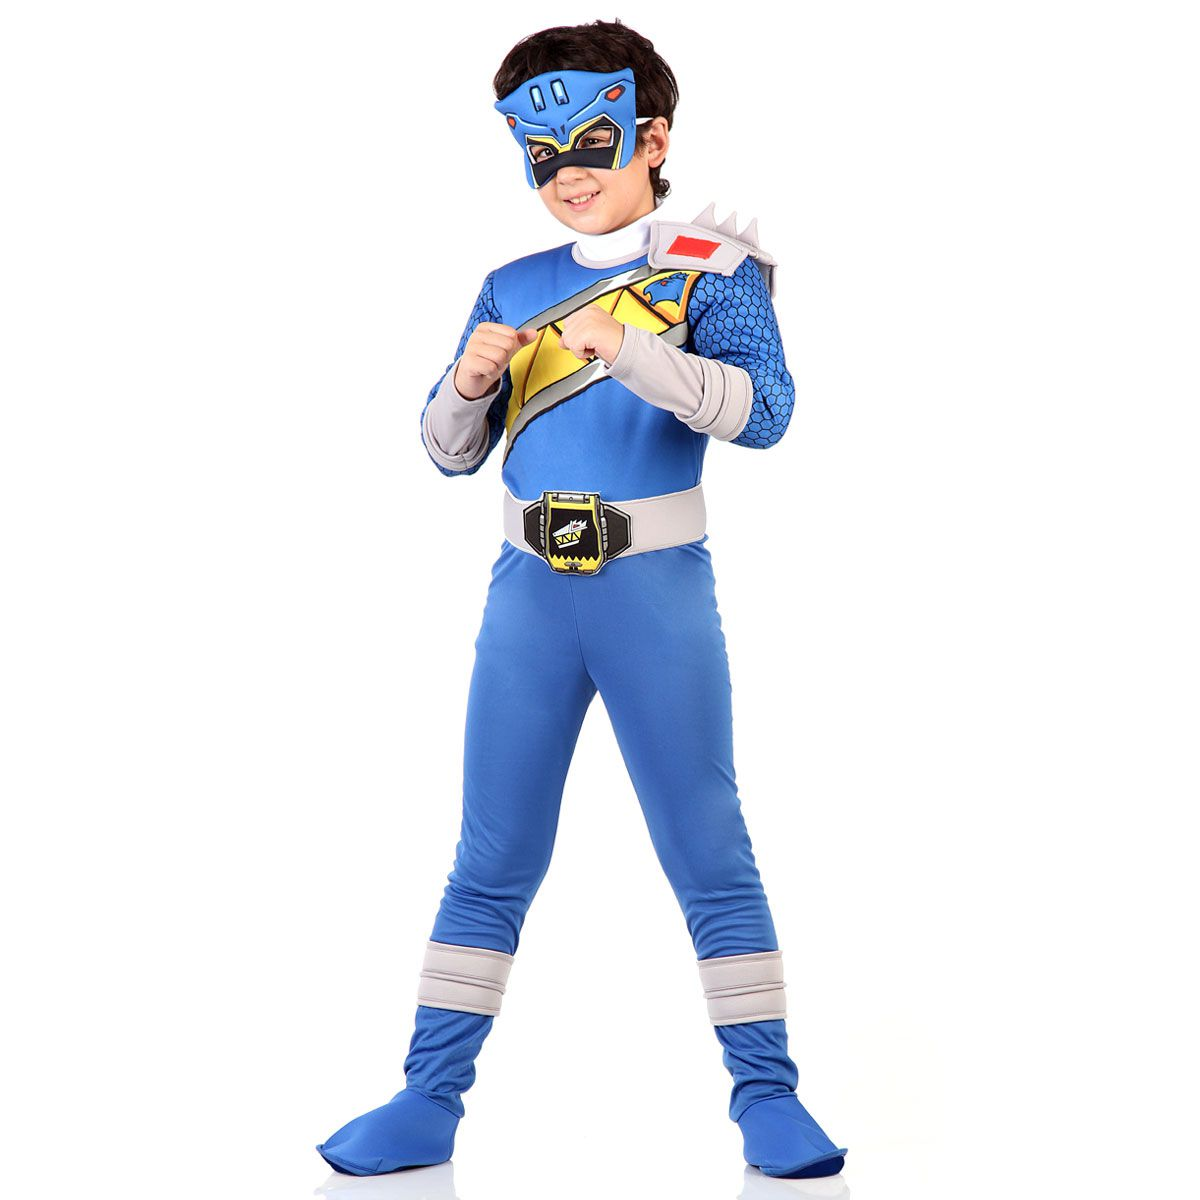 e76b2a592286ee Fantasia Power Rangers Dino Charge Azul Luxo - Aluá Festas